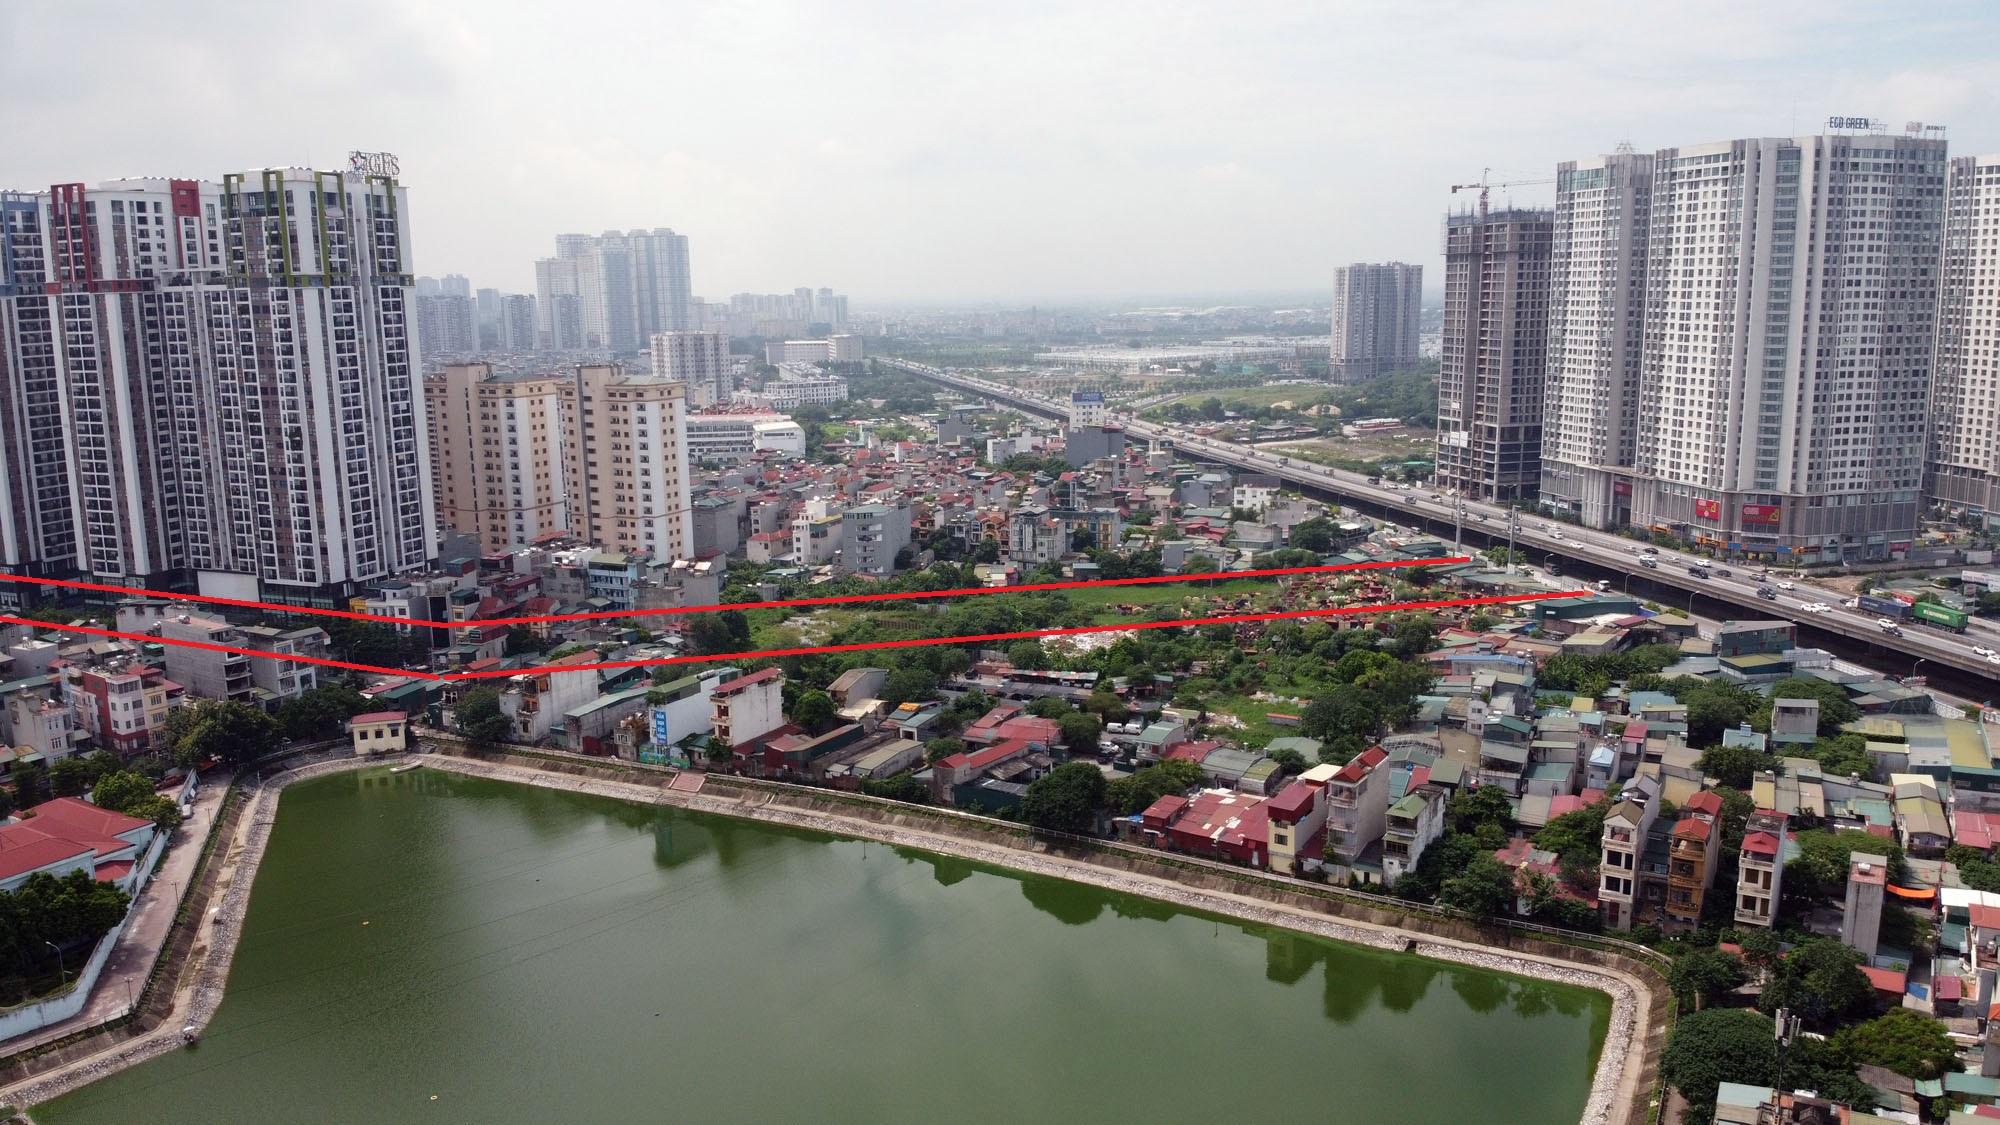 đường sẽ mở theo qui hoạch ở phường Hạ Đình, Thanh Xuân, Hà Nội - Ảnh 6.